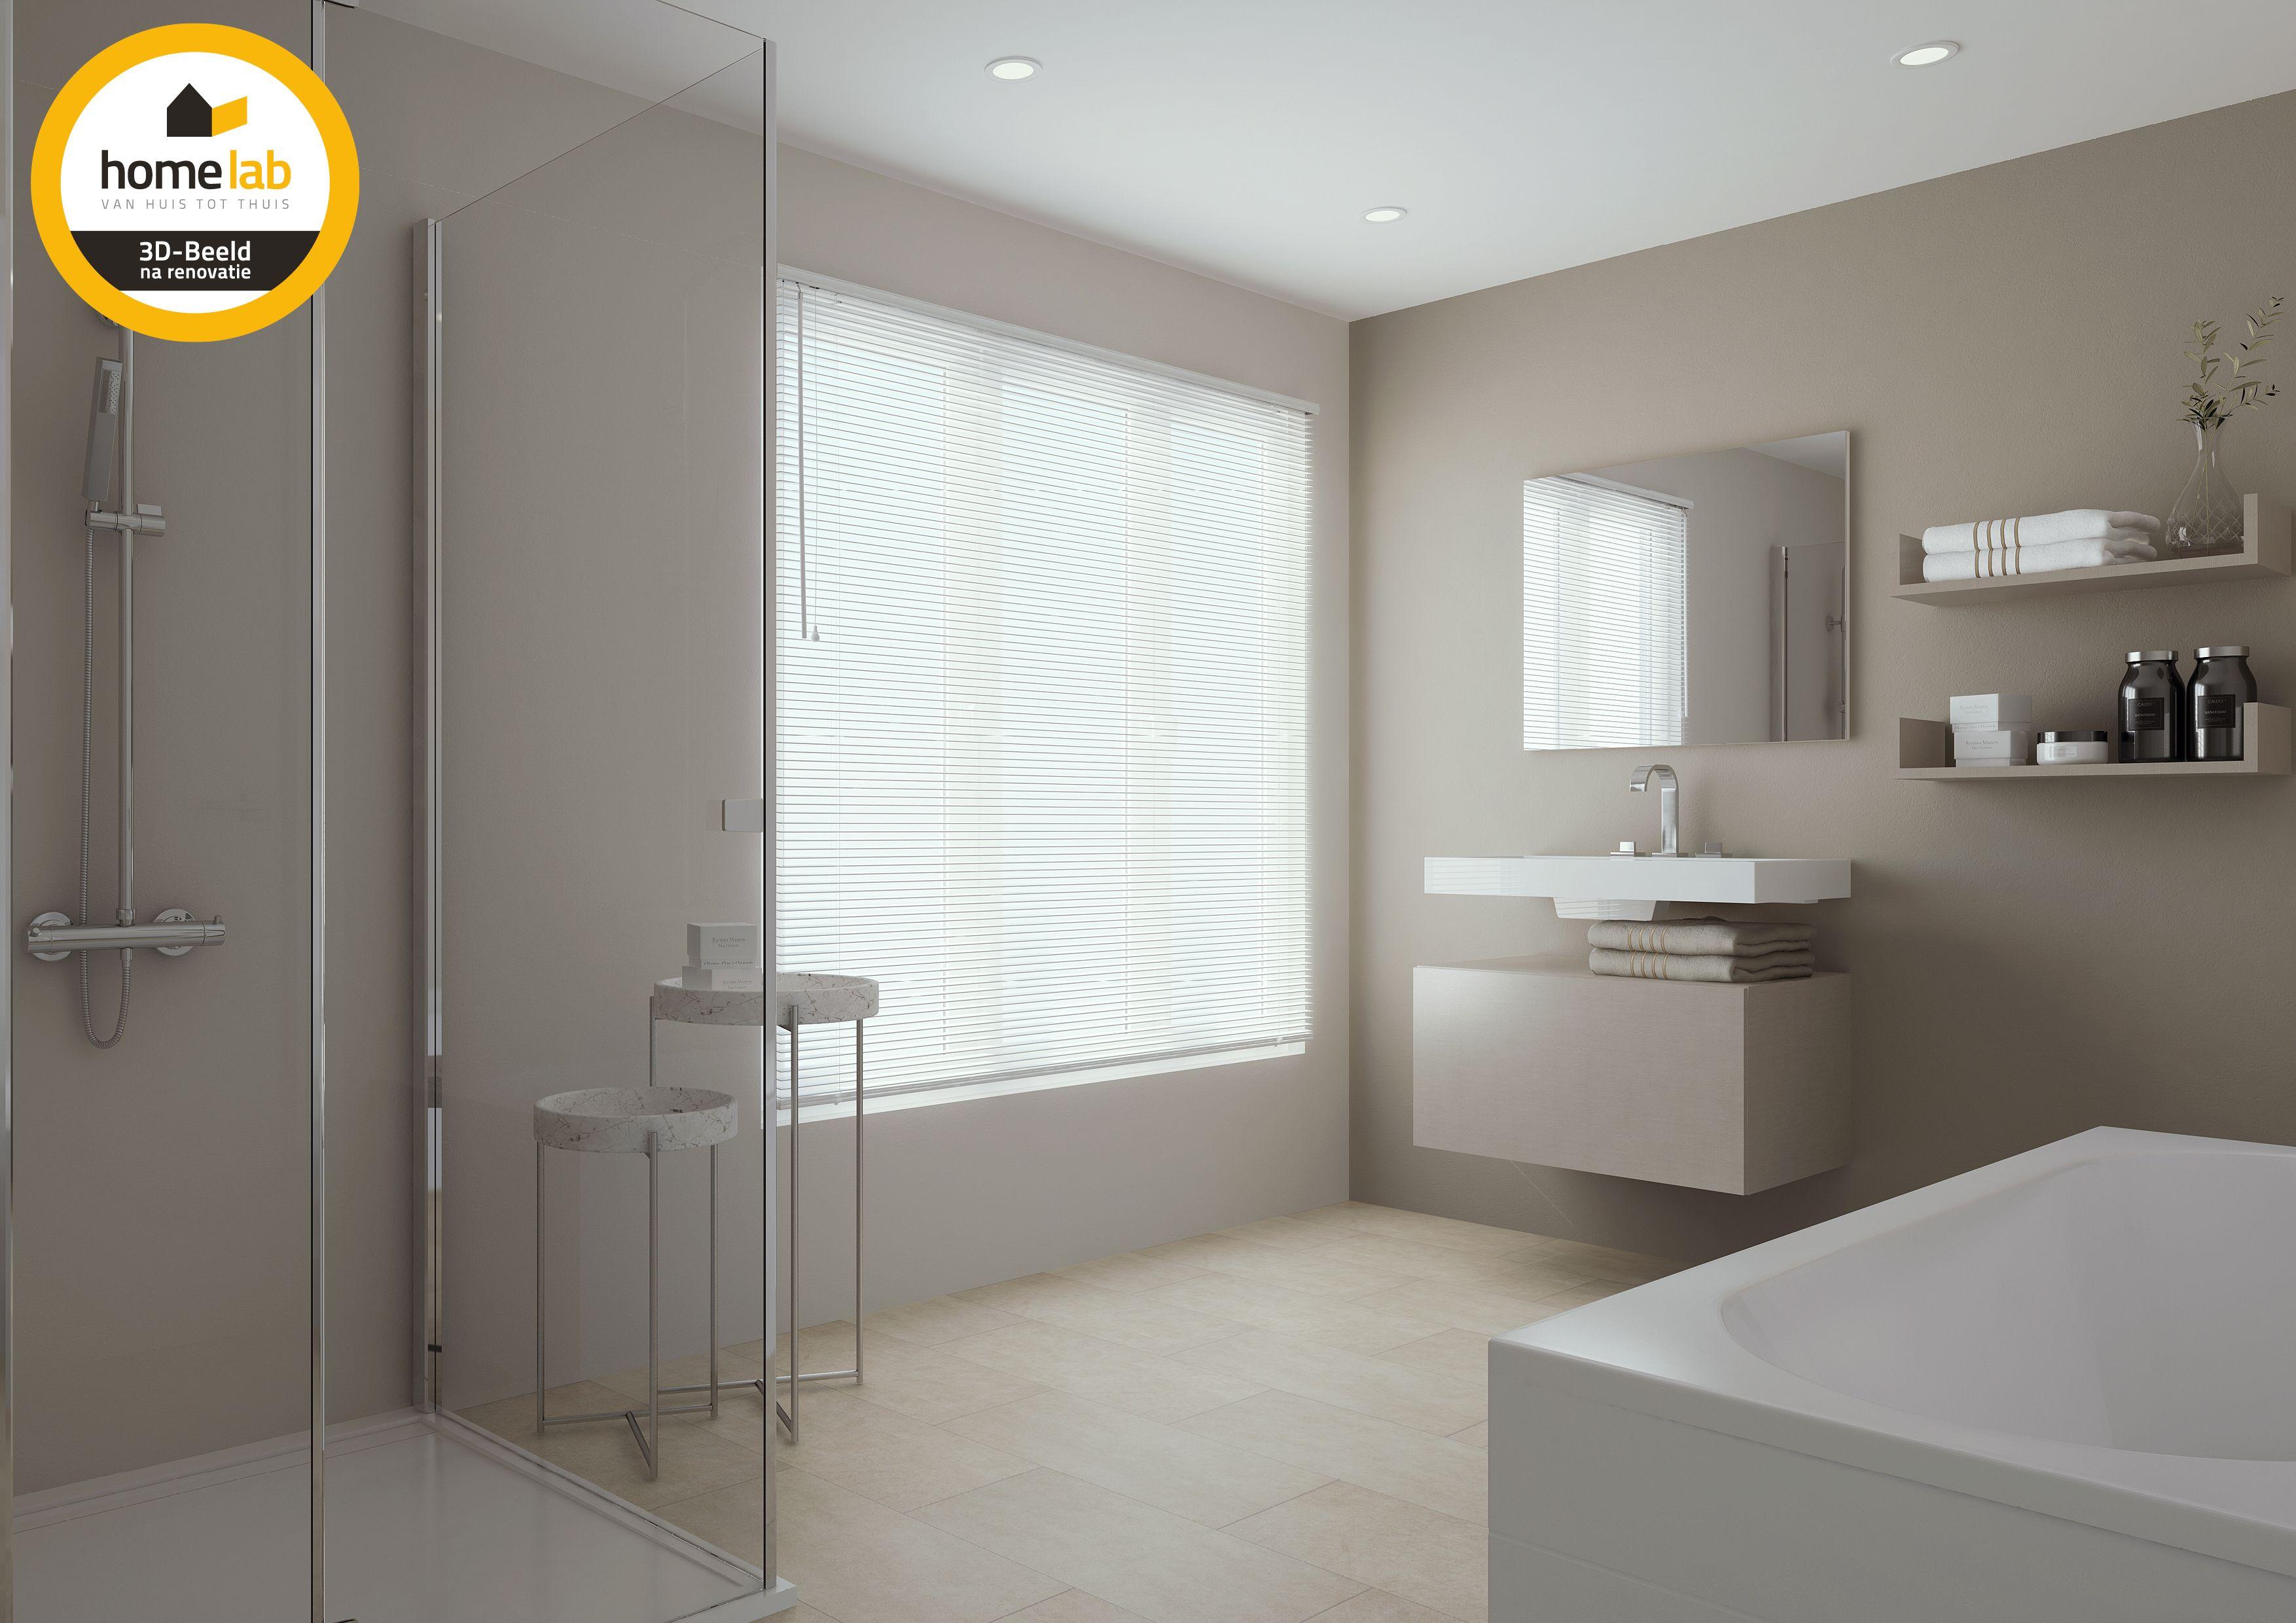 Moderne Witte Badkamer : Moderne witte badkamer #homelab #homelabprojects #modern #badkamer